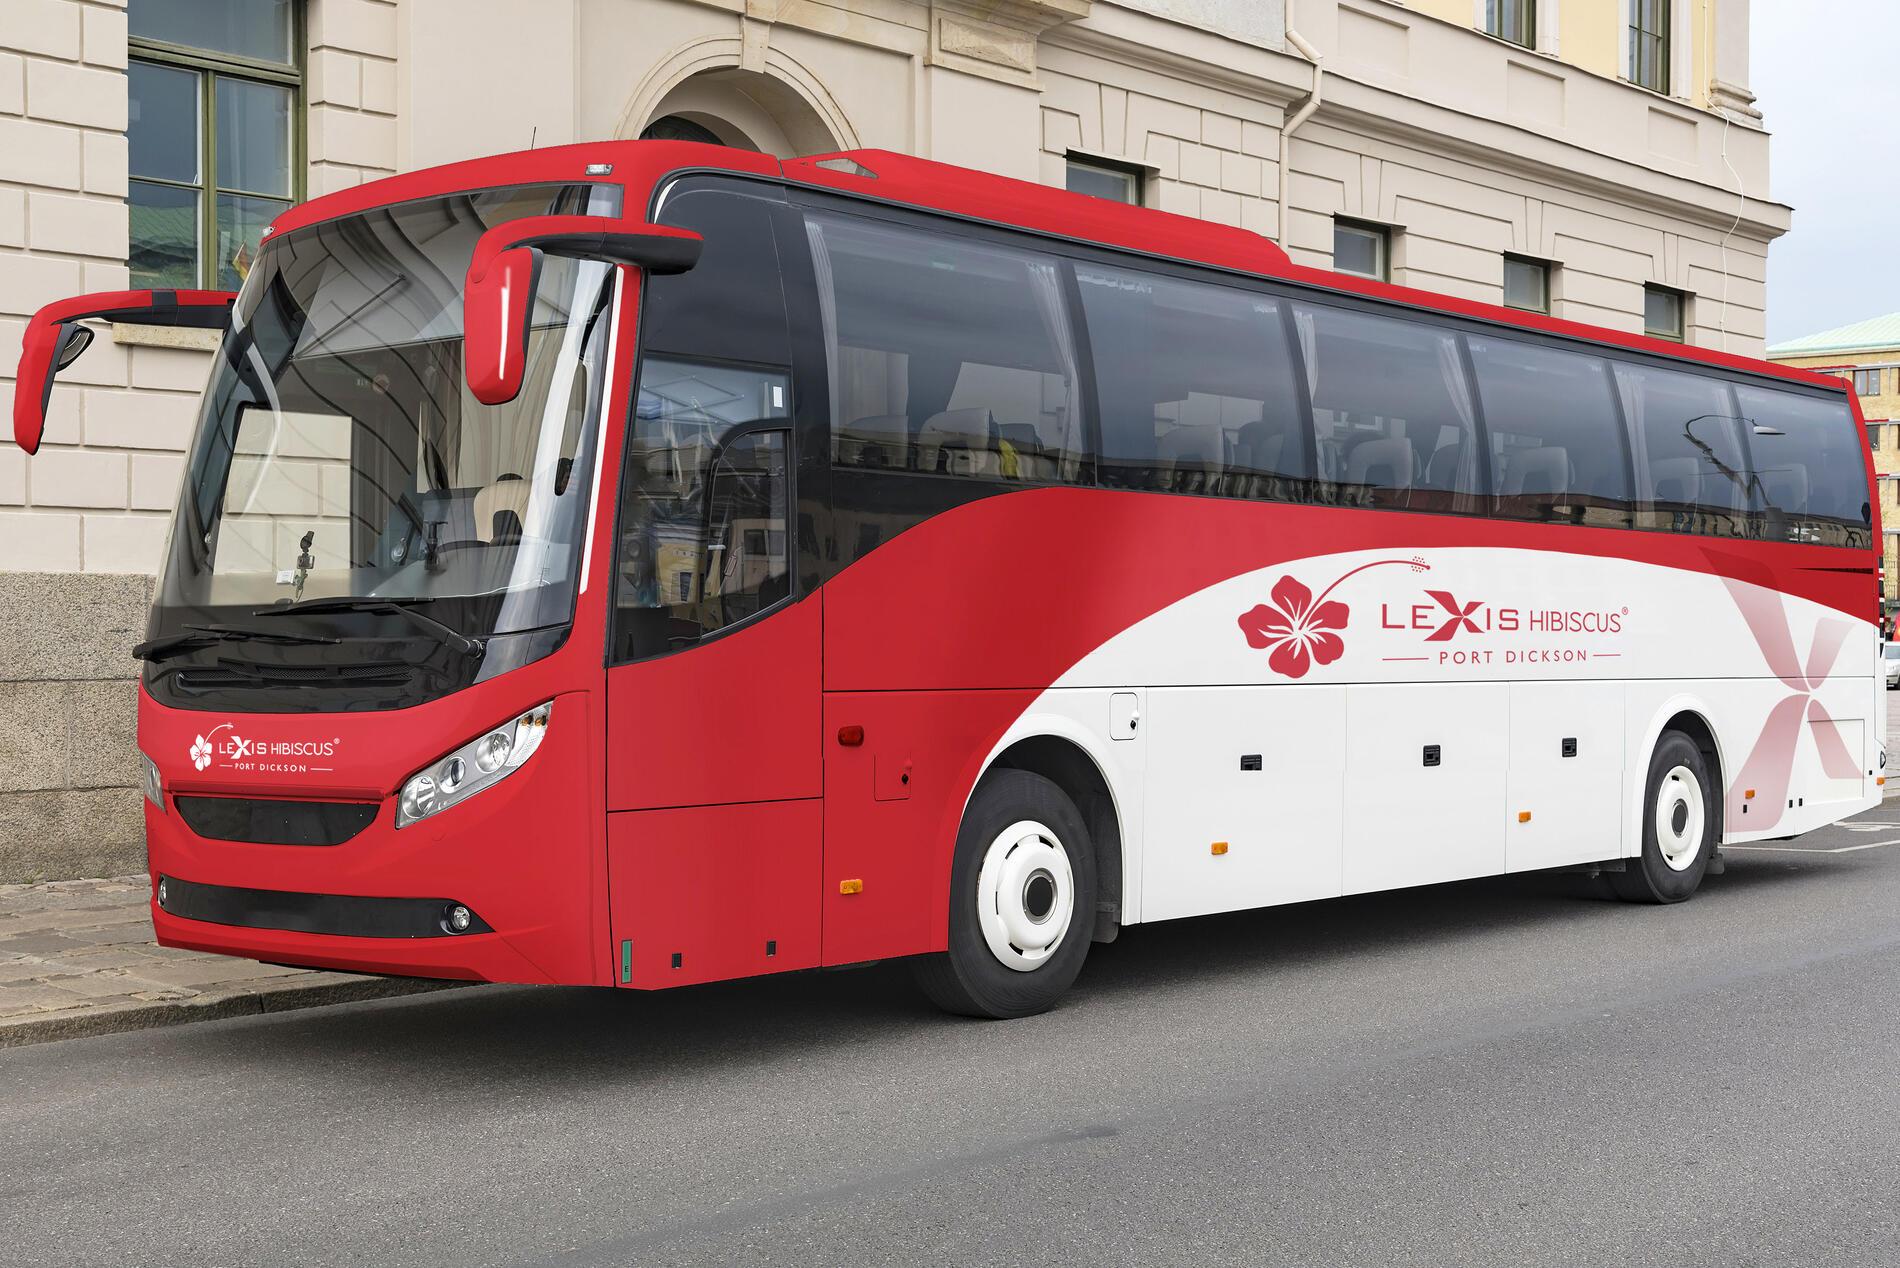 Shuttle Bus | Lexis Hibiscus Port Dickson